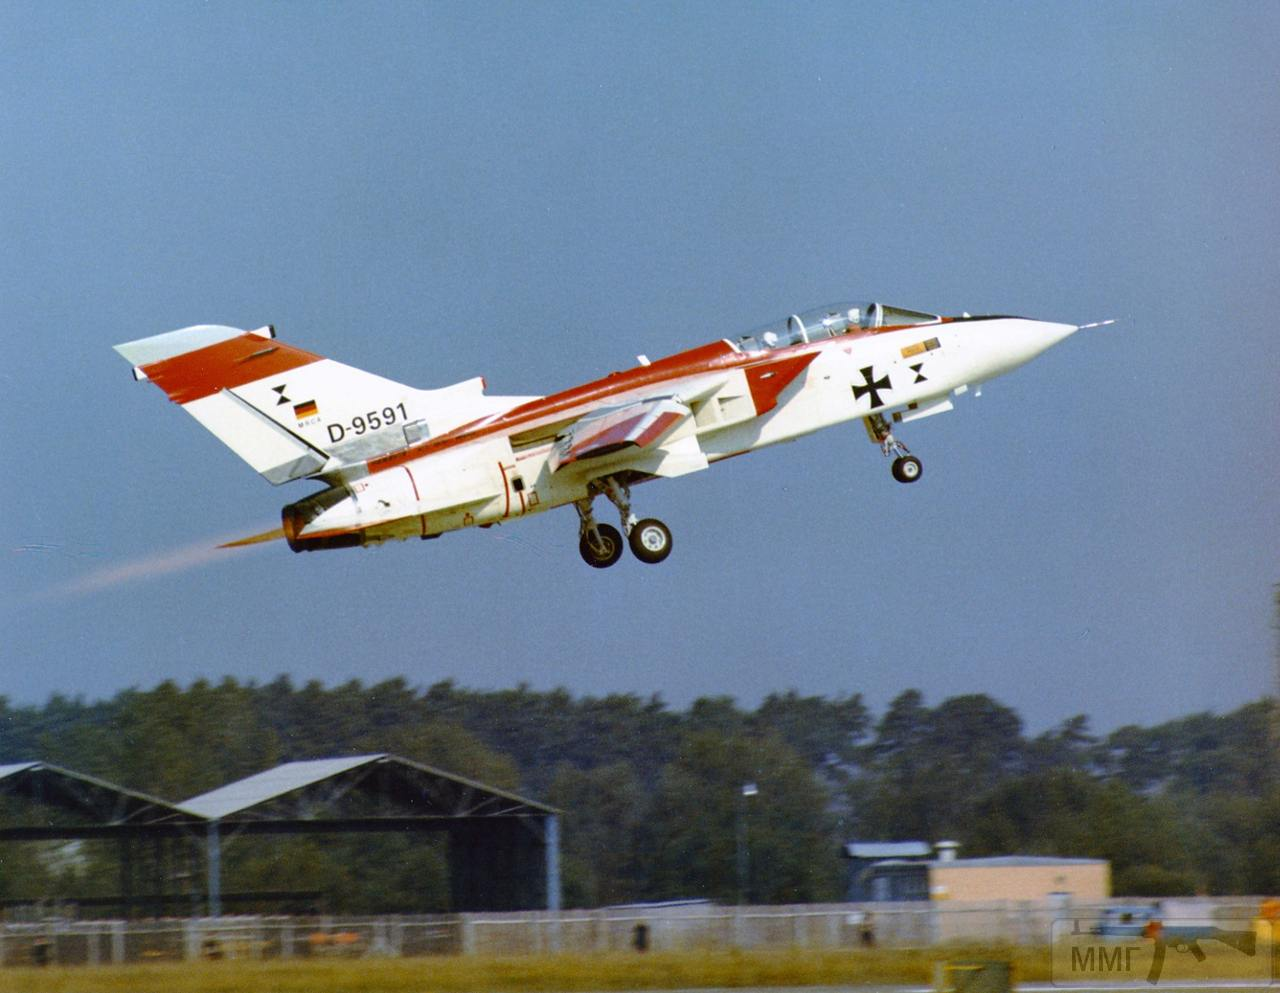 110331 - Красивые фото и видео боевых самолетов и вертолетов